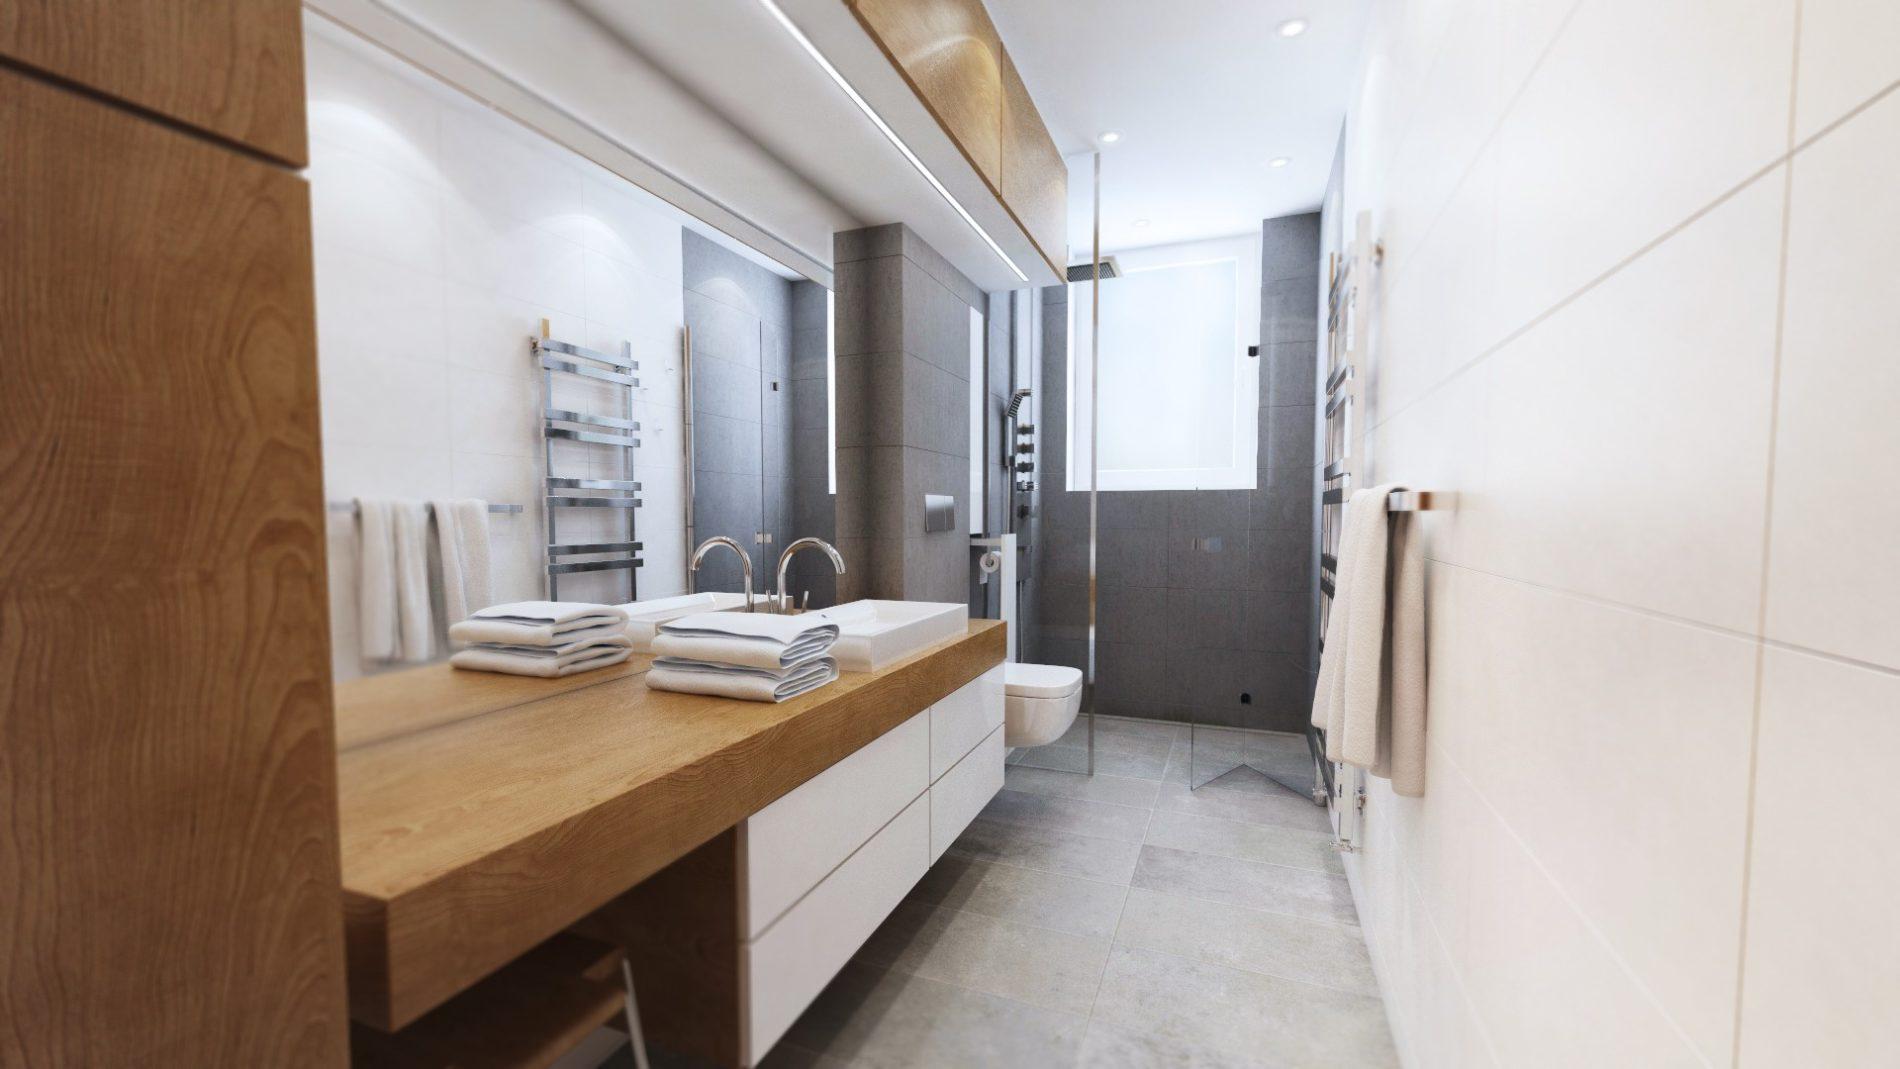 nowoczesna łazienka w starym mieszkaniu w kamienicy Śląsk